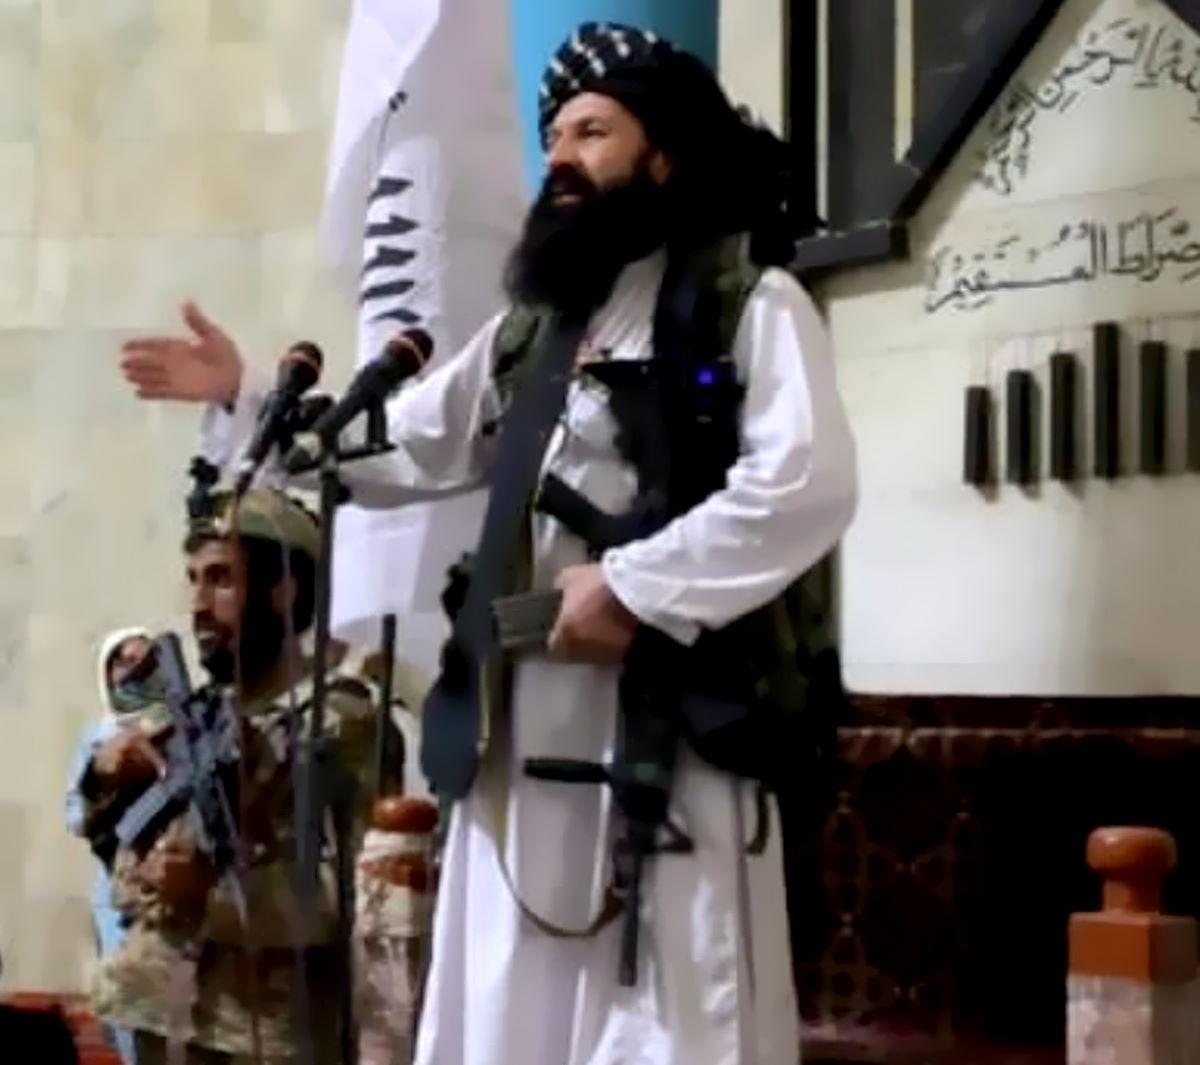 Il leader talebano Abdul Ghani Baradar è giunto a Kabul per contribuire alla formazione di un nuovo governo